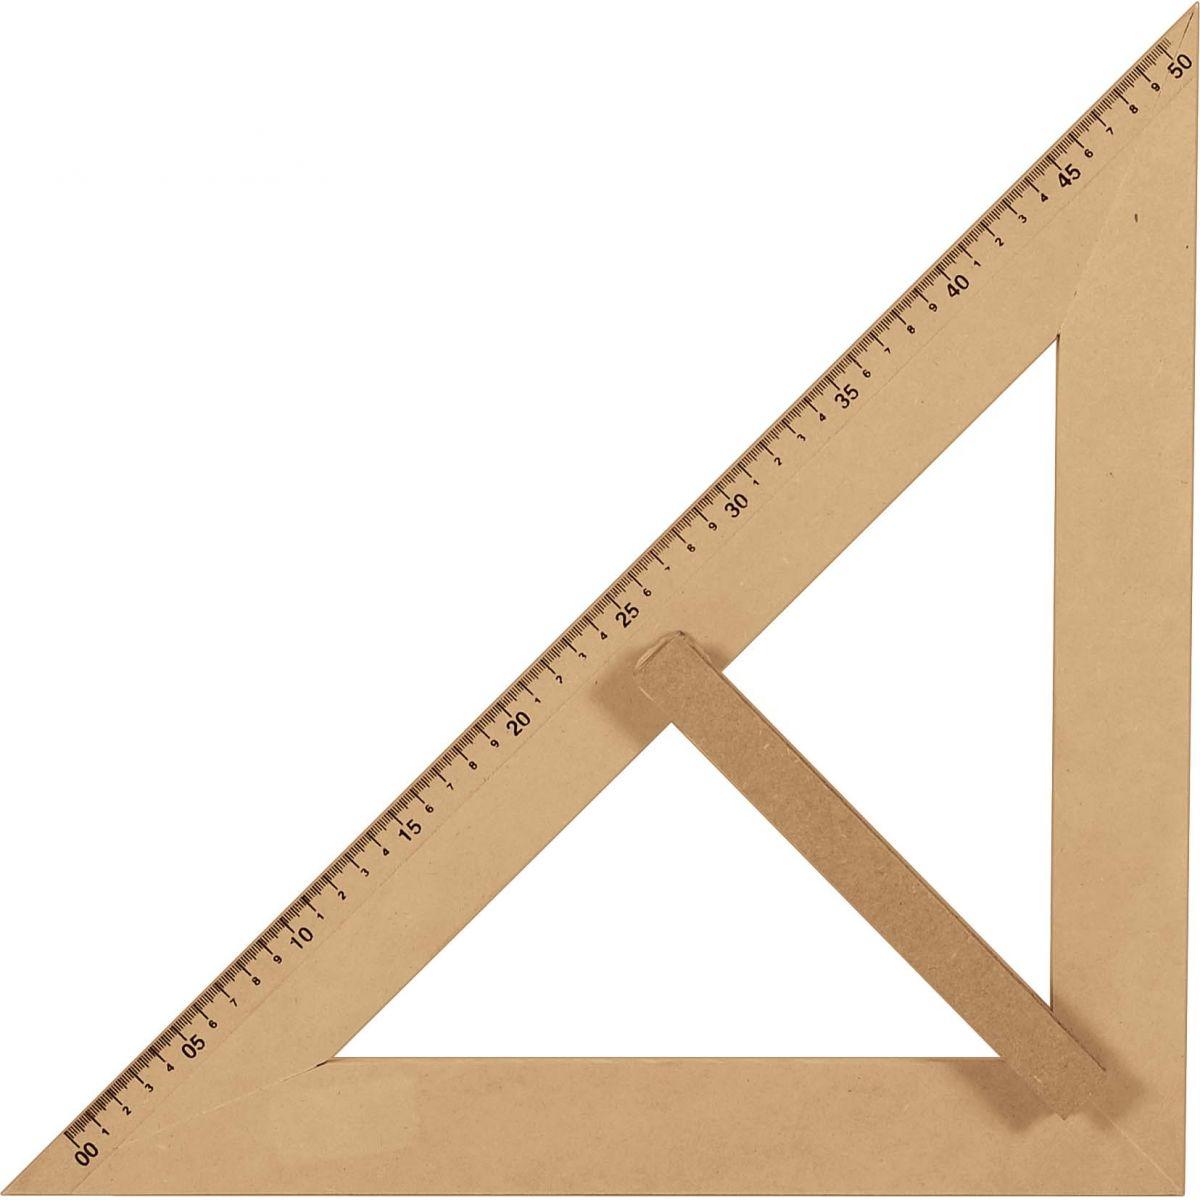 KIT do Professor Em MDF Com Esquadros 1 Com 45° Graus e 1 Com 30°/60° Graus e 1 Transferidor 180º Graus